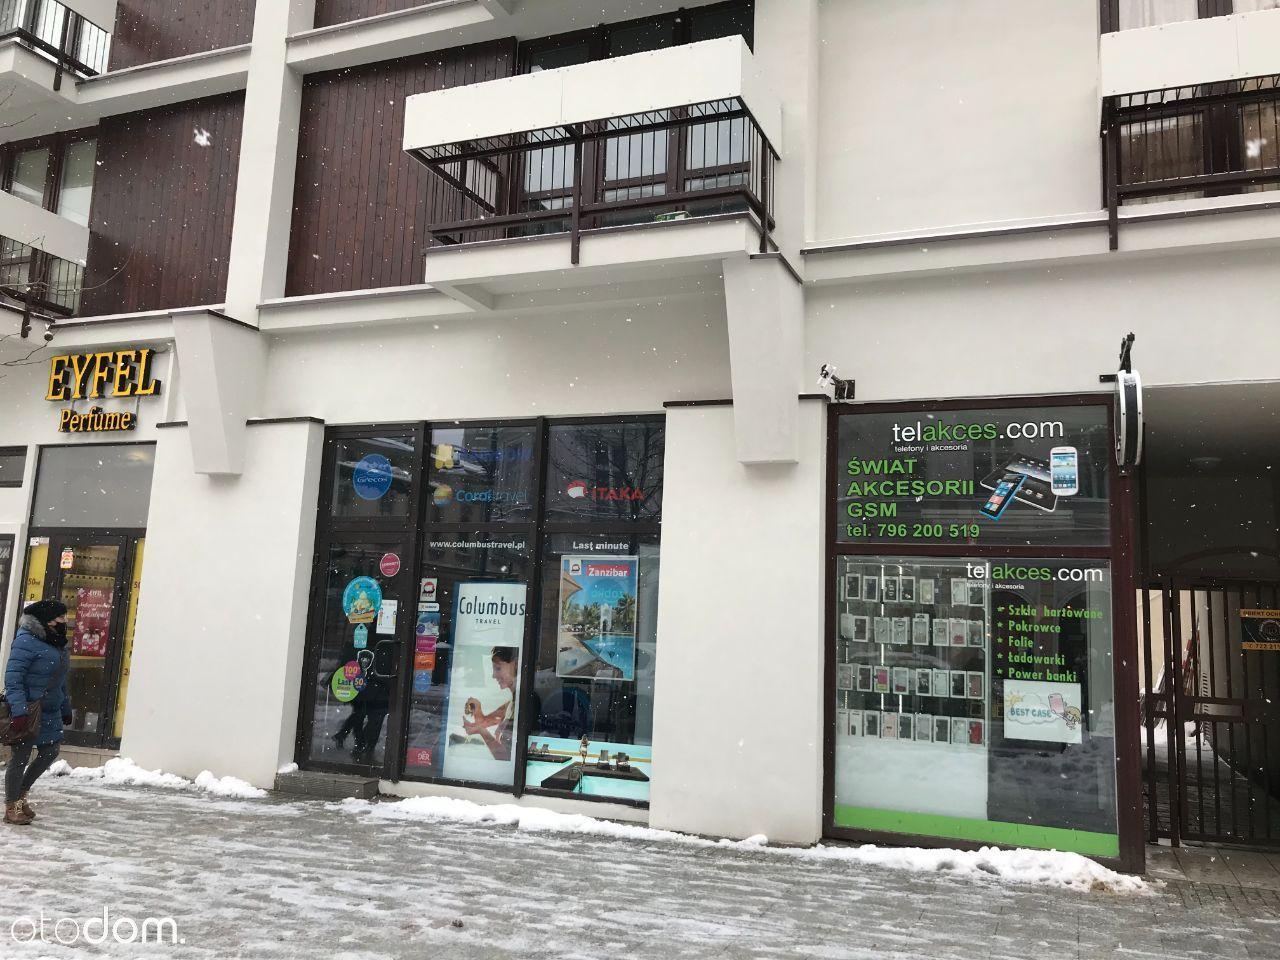 Lokal użytkowy do wynajęcia w centrum Łodzi